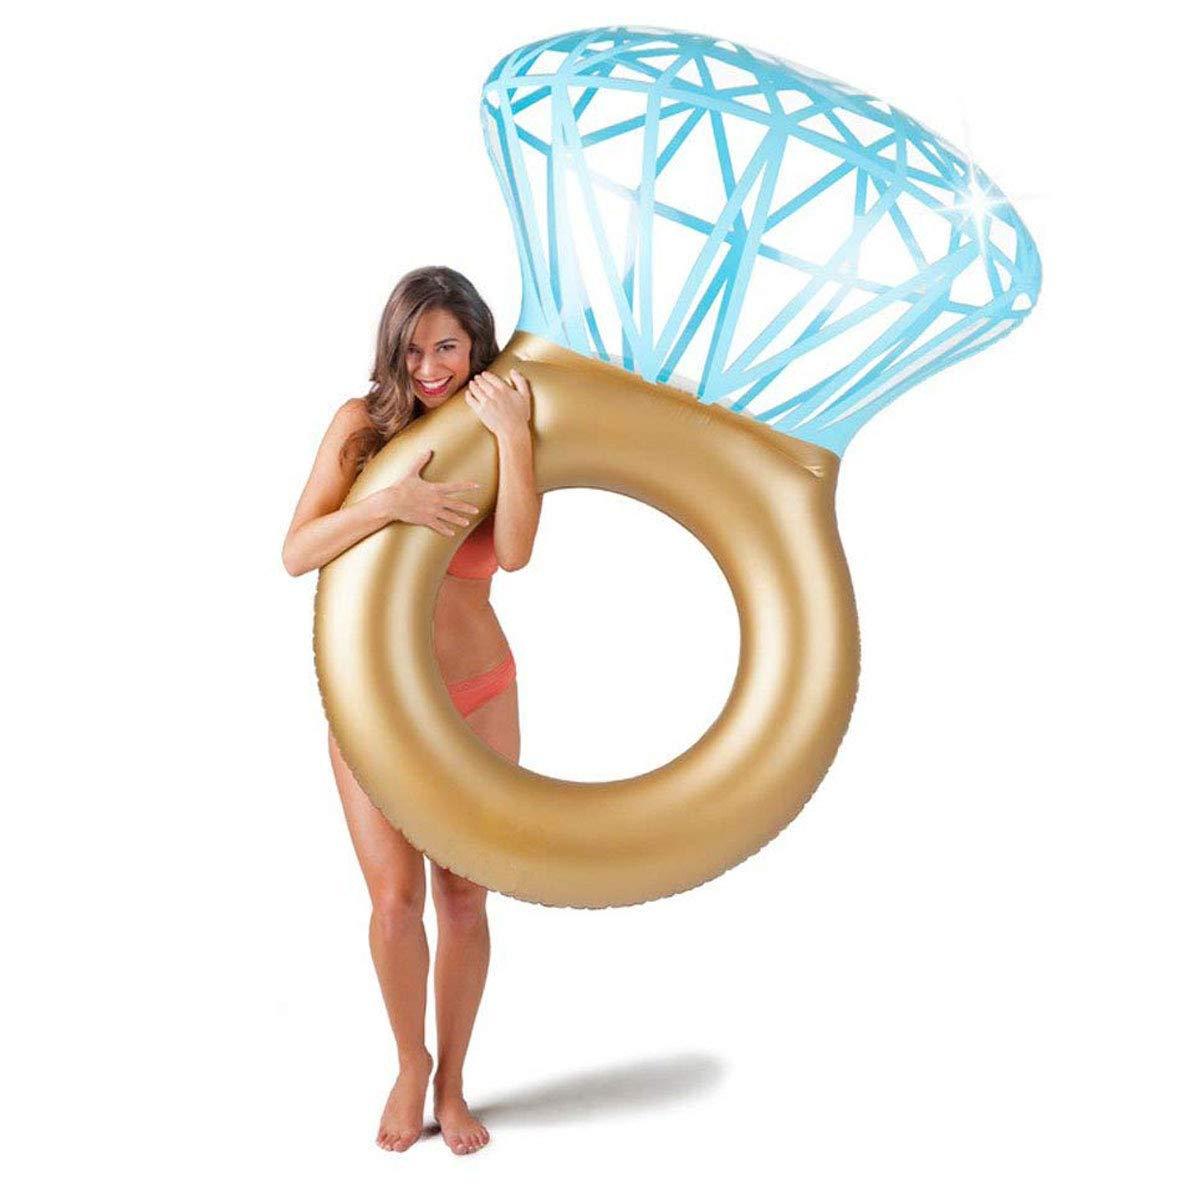 Aufblasbarer Diamantring Schwimmreifen - Schwimmring als Romantische Diamant Badeinsel Goods & Gadgets